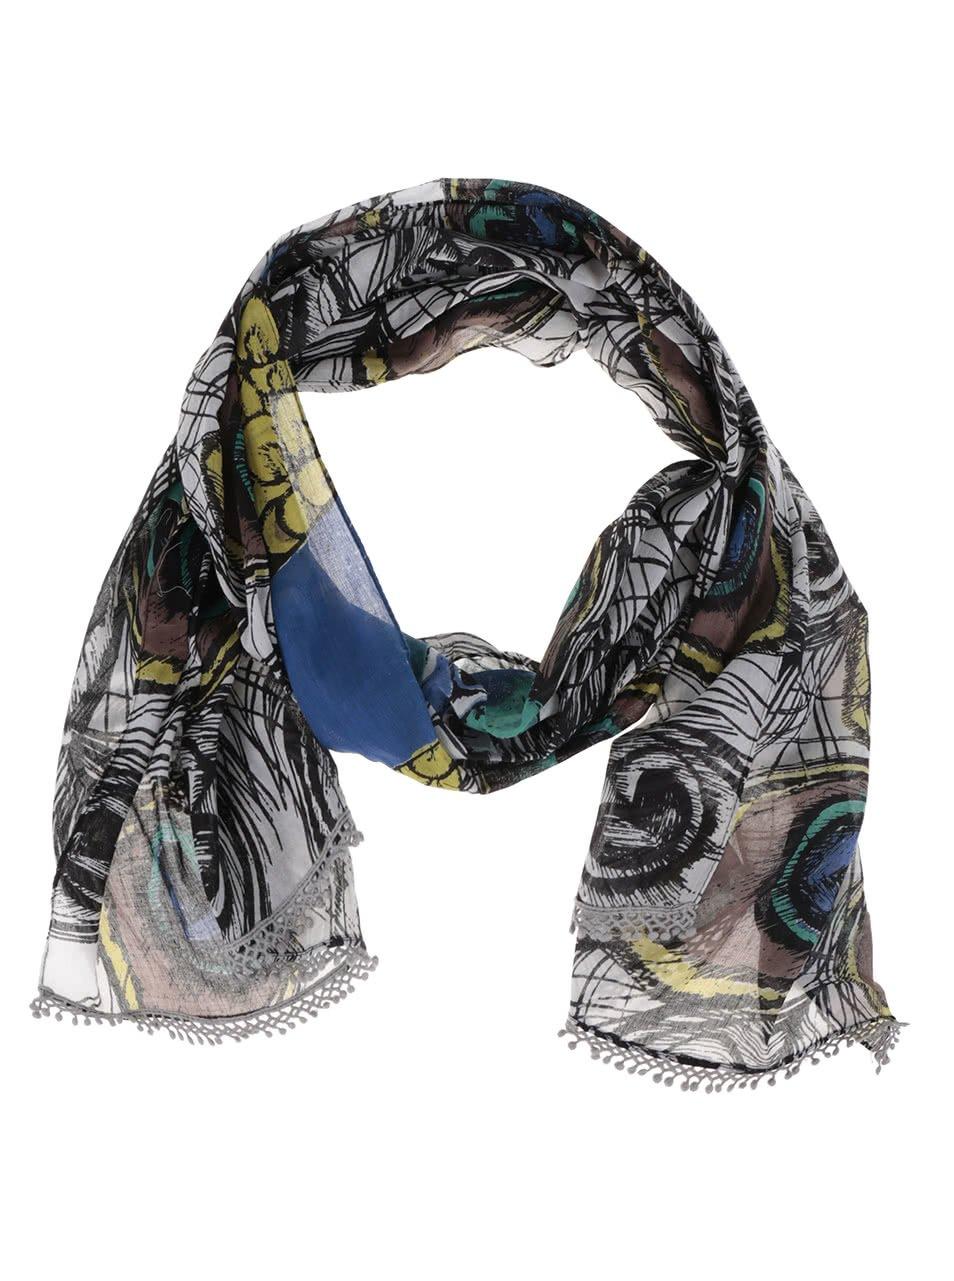 Hnědo-krémový šátek s potiskem pavích per a ozdobnými lemy Disaster Into the wild